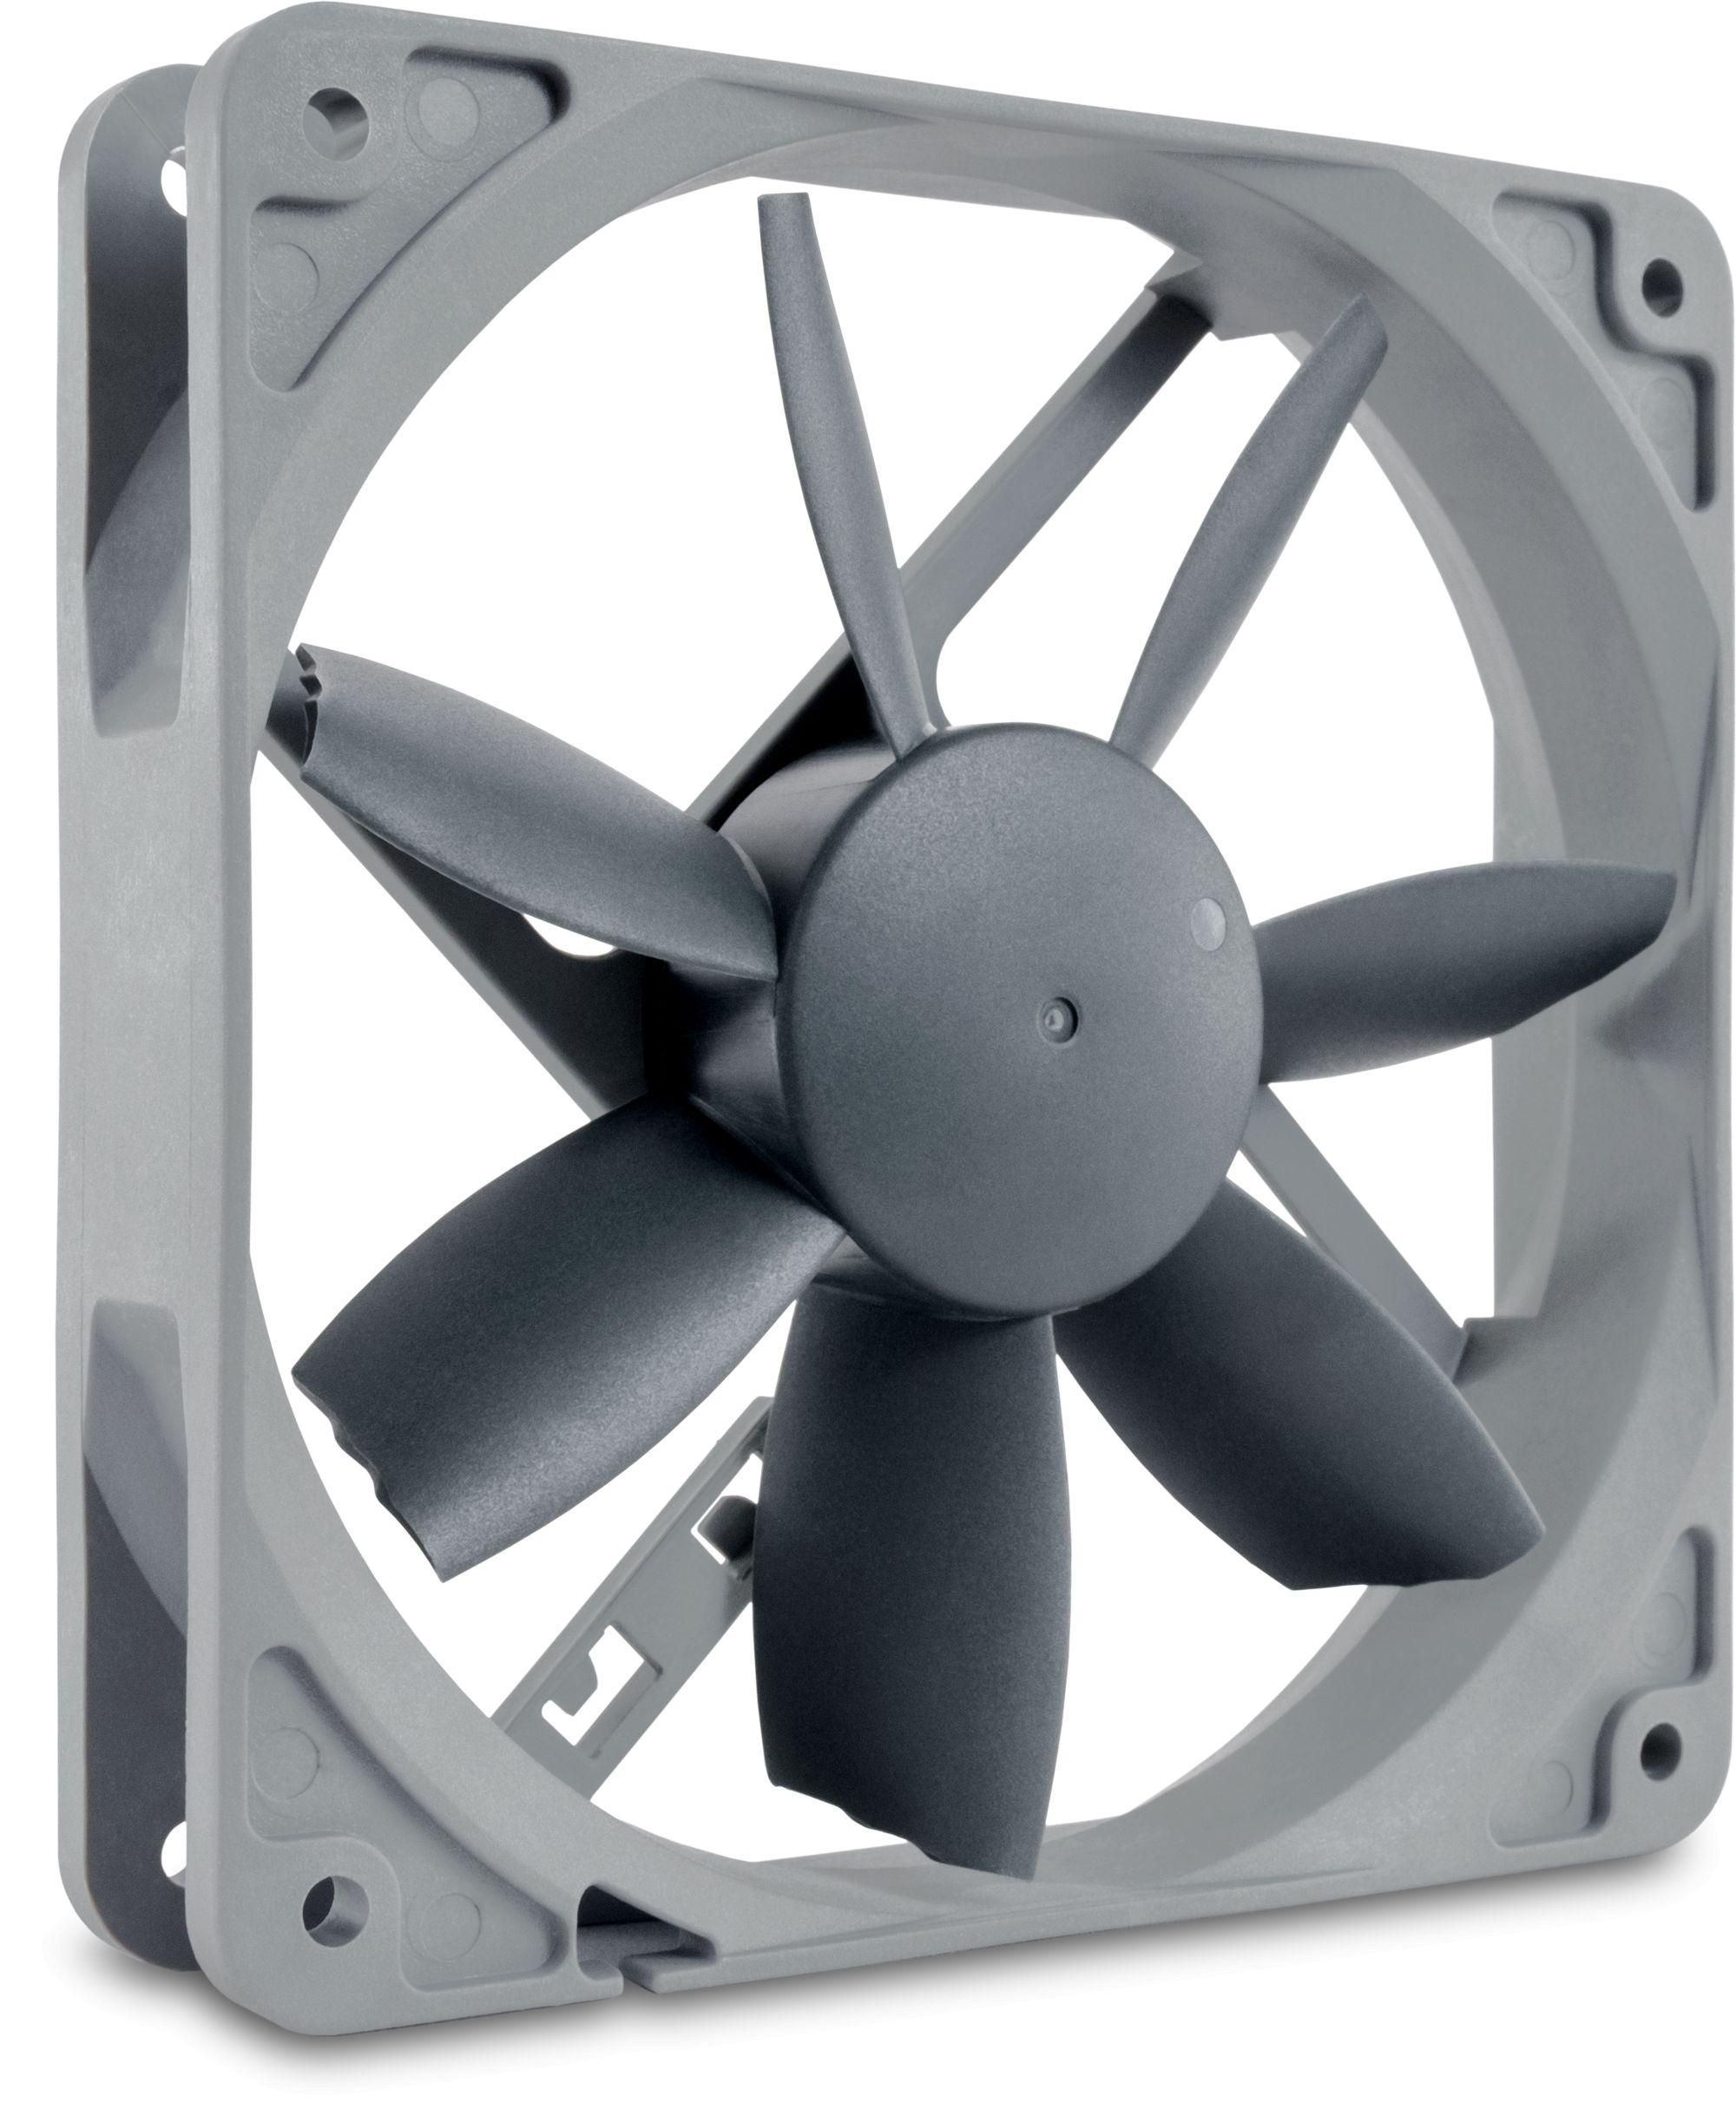 Купить Вентилятор для корпуса Noctua REDUX NF-S12B redux-1200 Grey